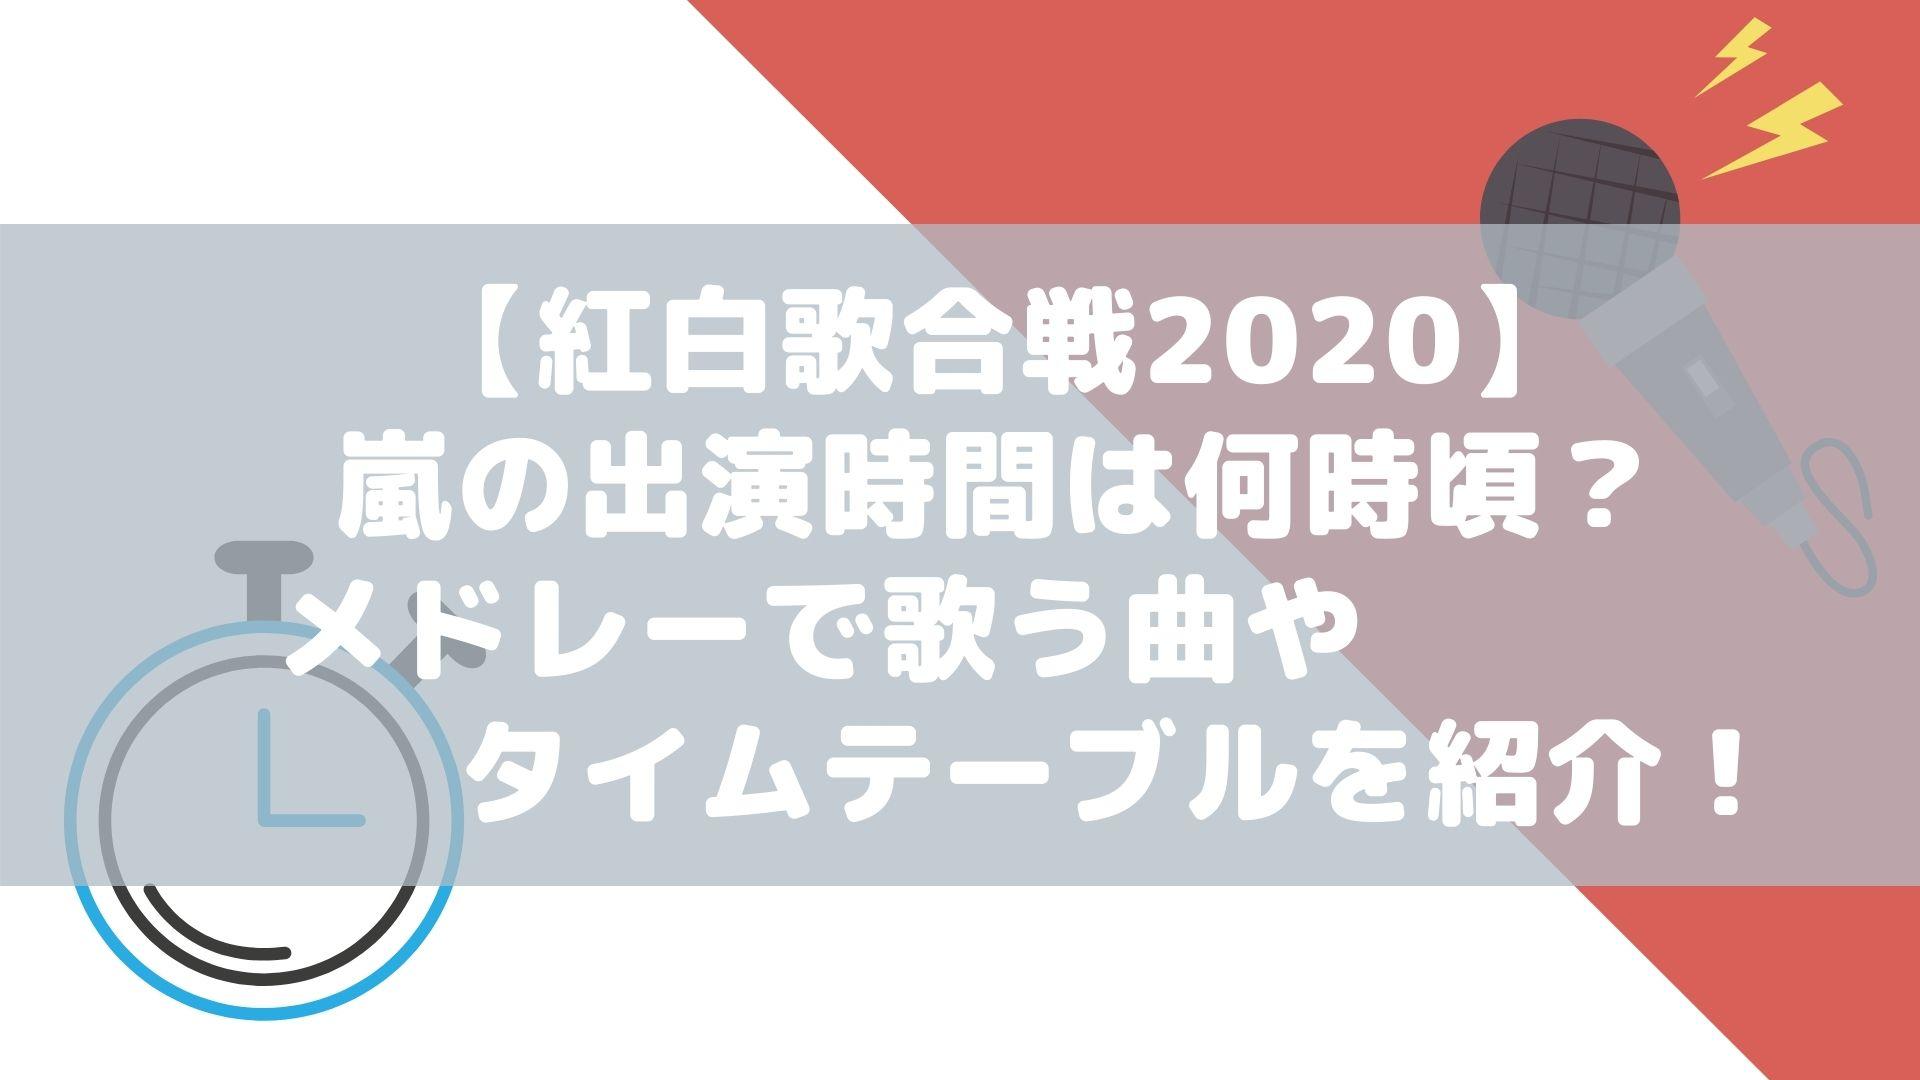 【紅白歌合戦2020】嵐の出演時間は何時頃?メドレーで歌う曲やタイムテーブルを紹介!タイトル画像